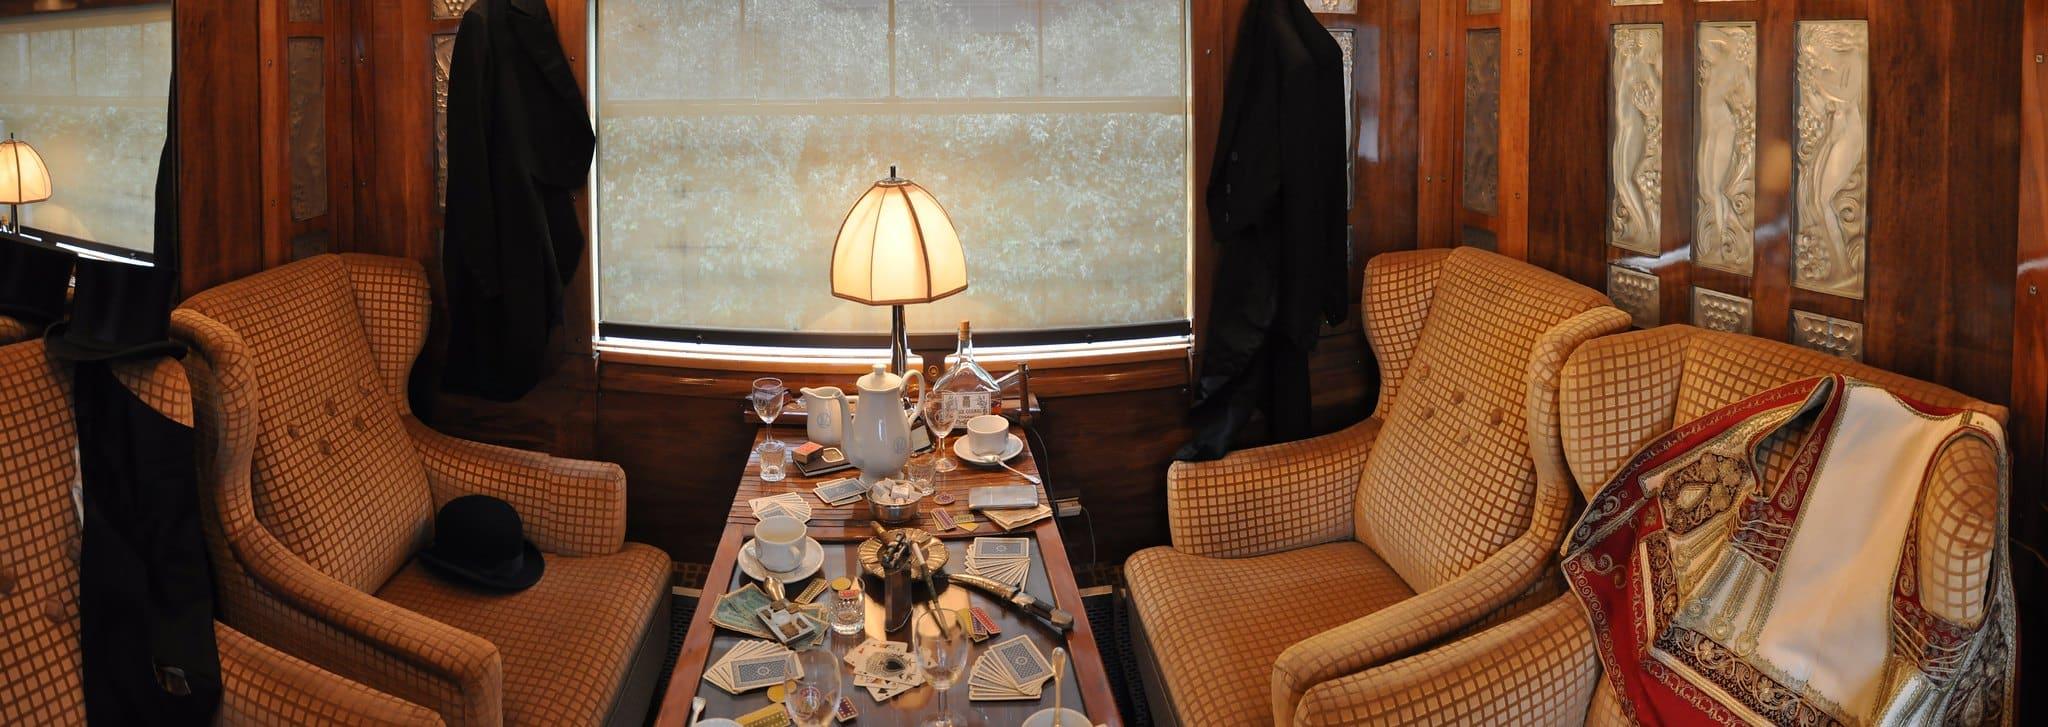 Les cabines de l'Orient Express